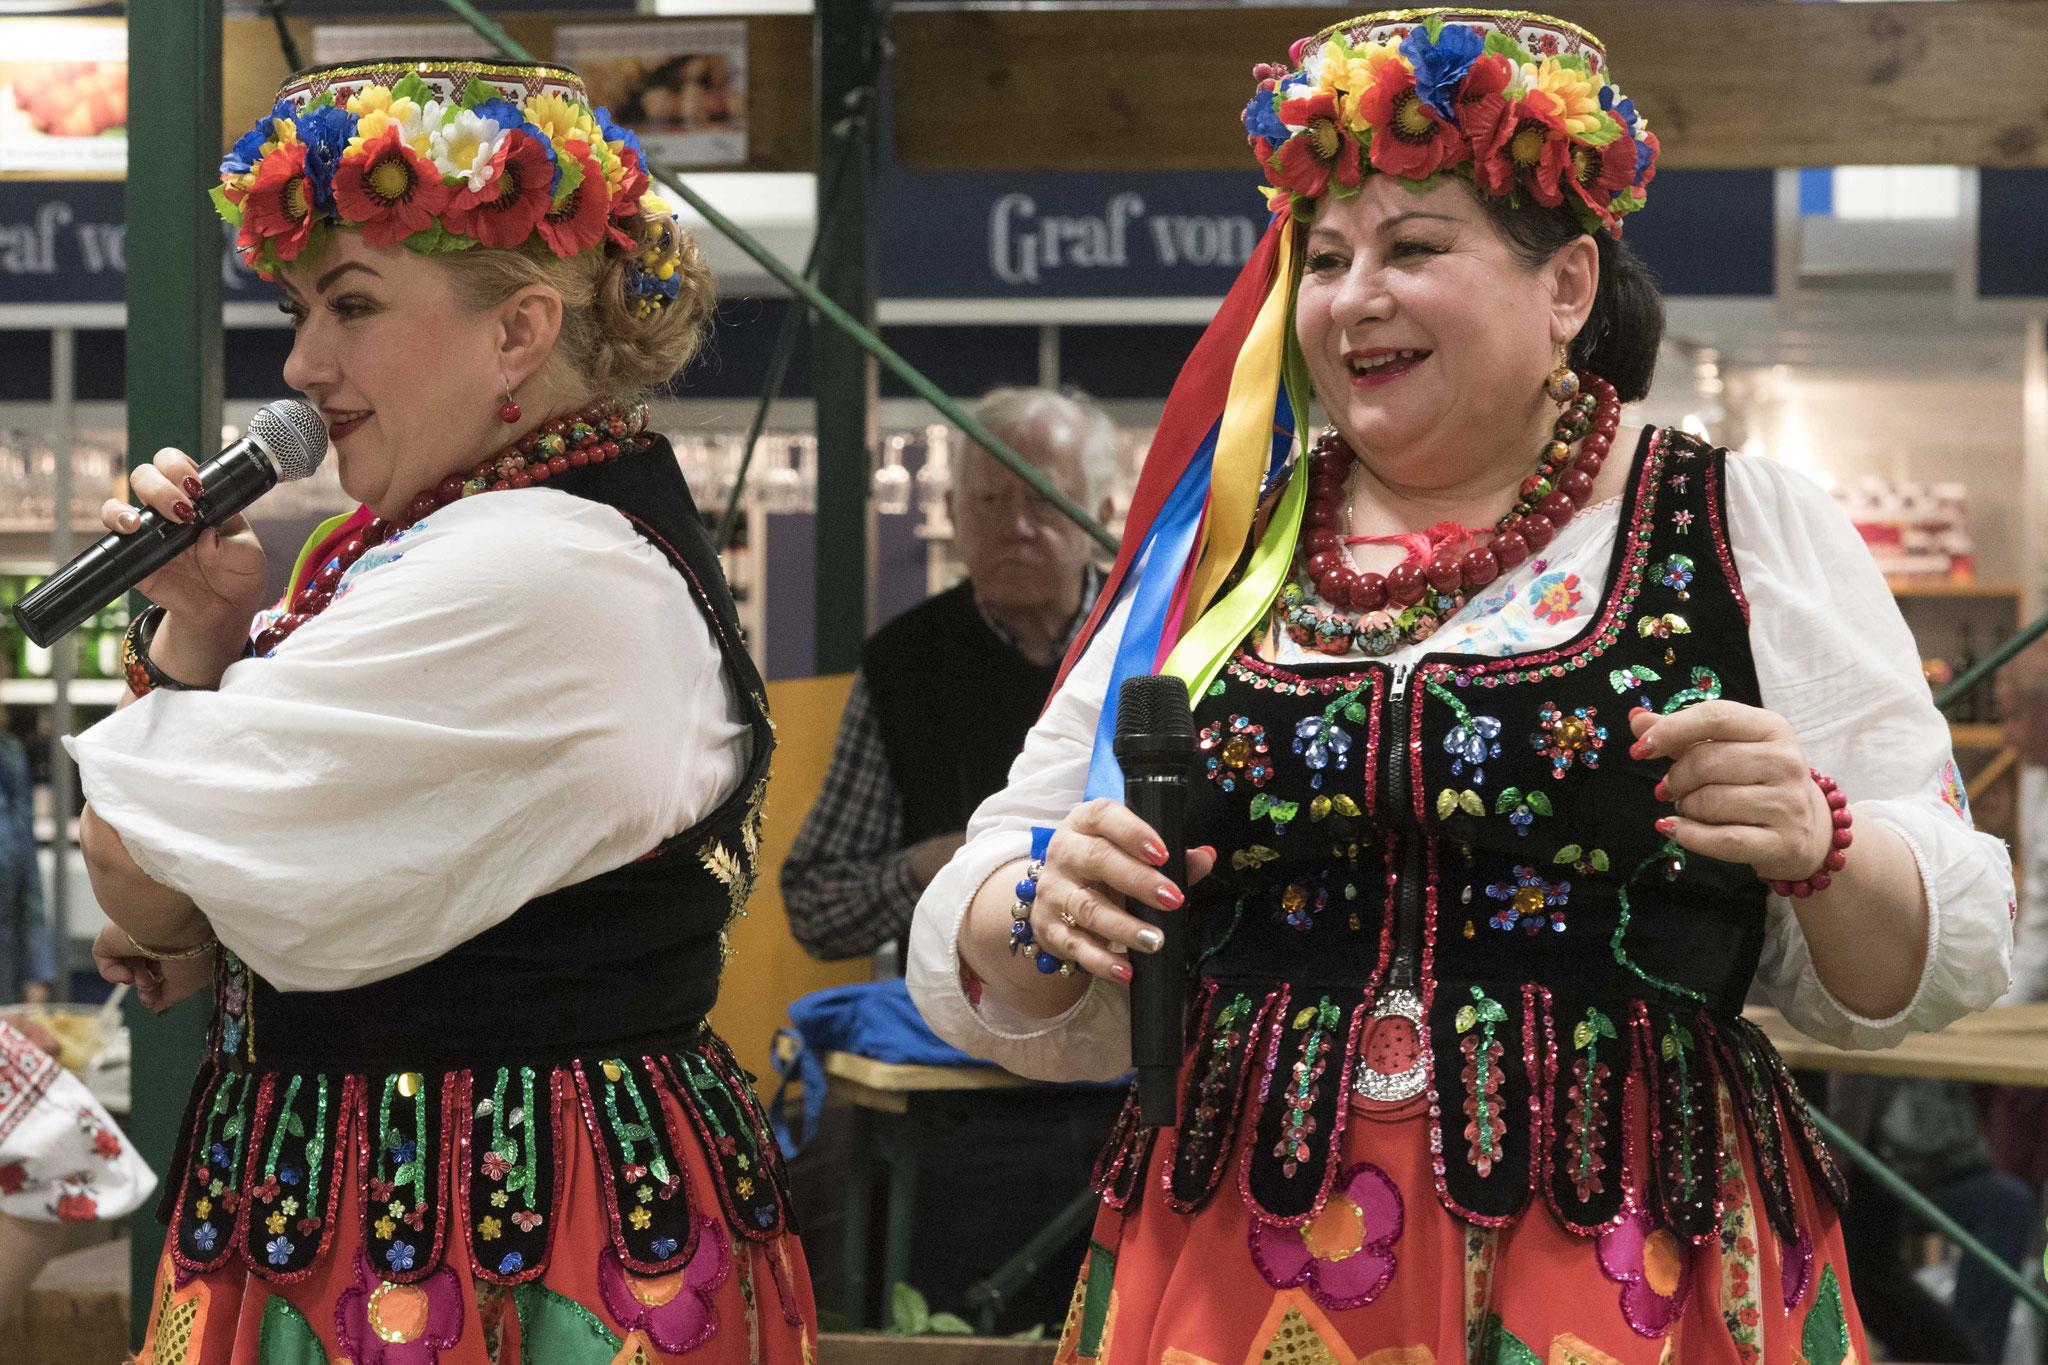 Grüne Woche: Sängerinnen am Stand der Ukraine